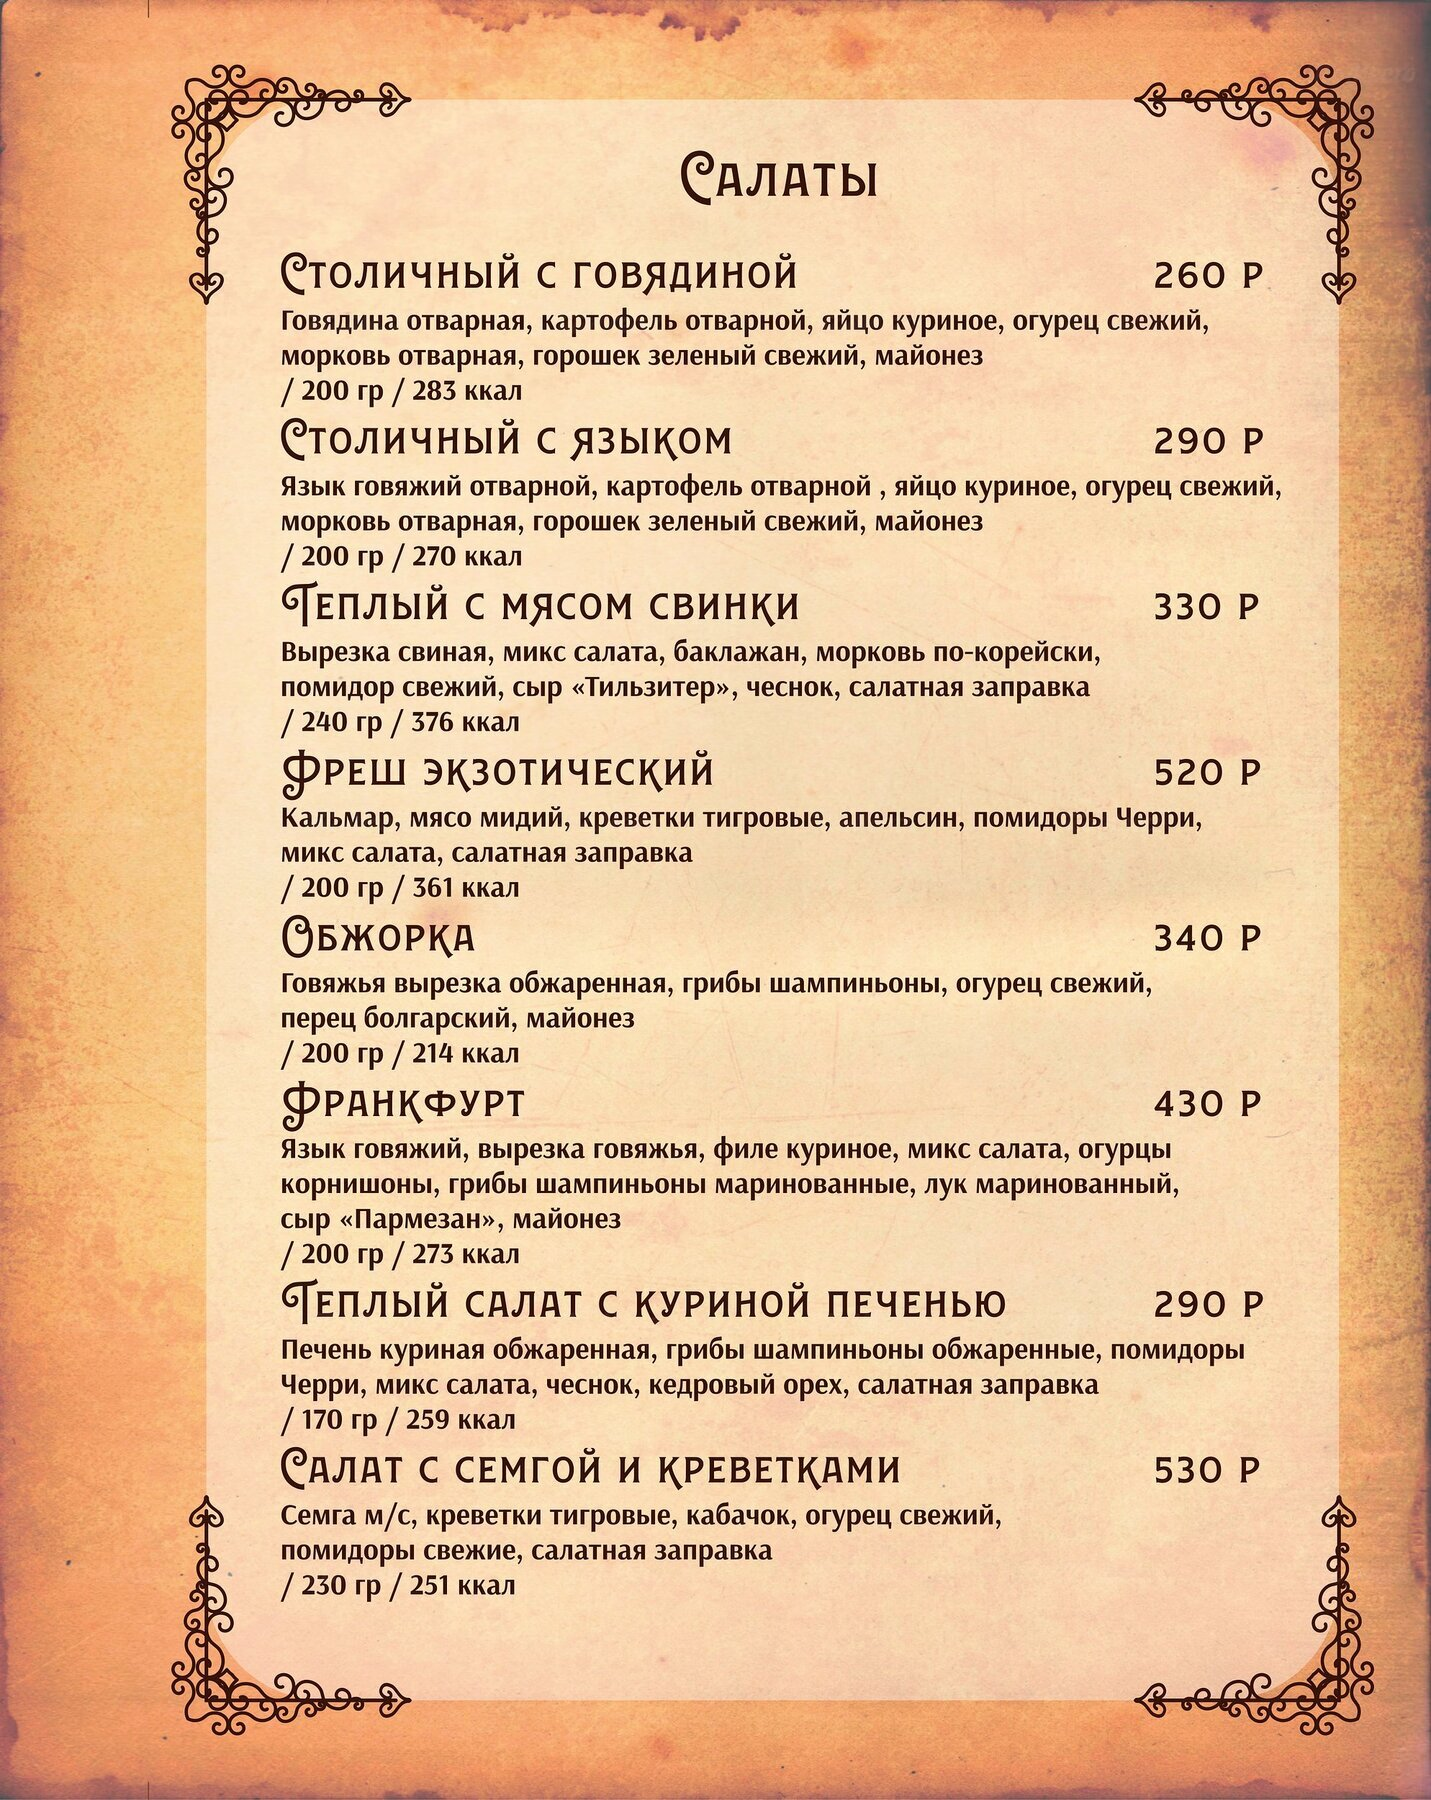 Меню кафе Грильяж на Октябрьской улице фото 5